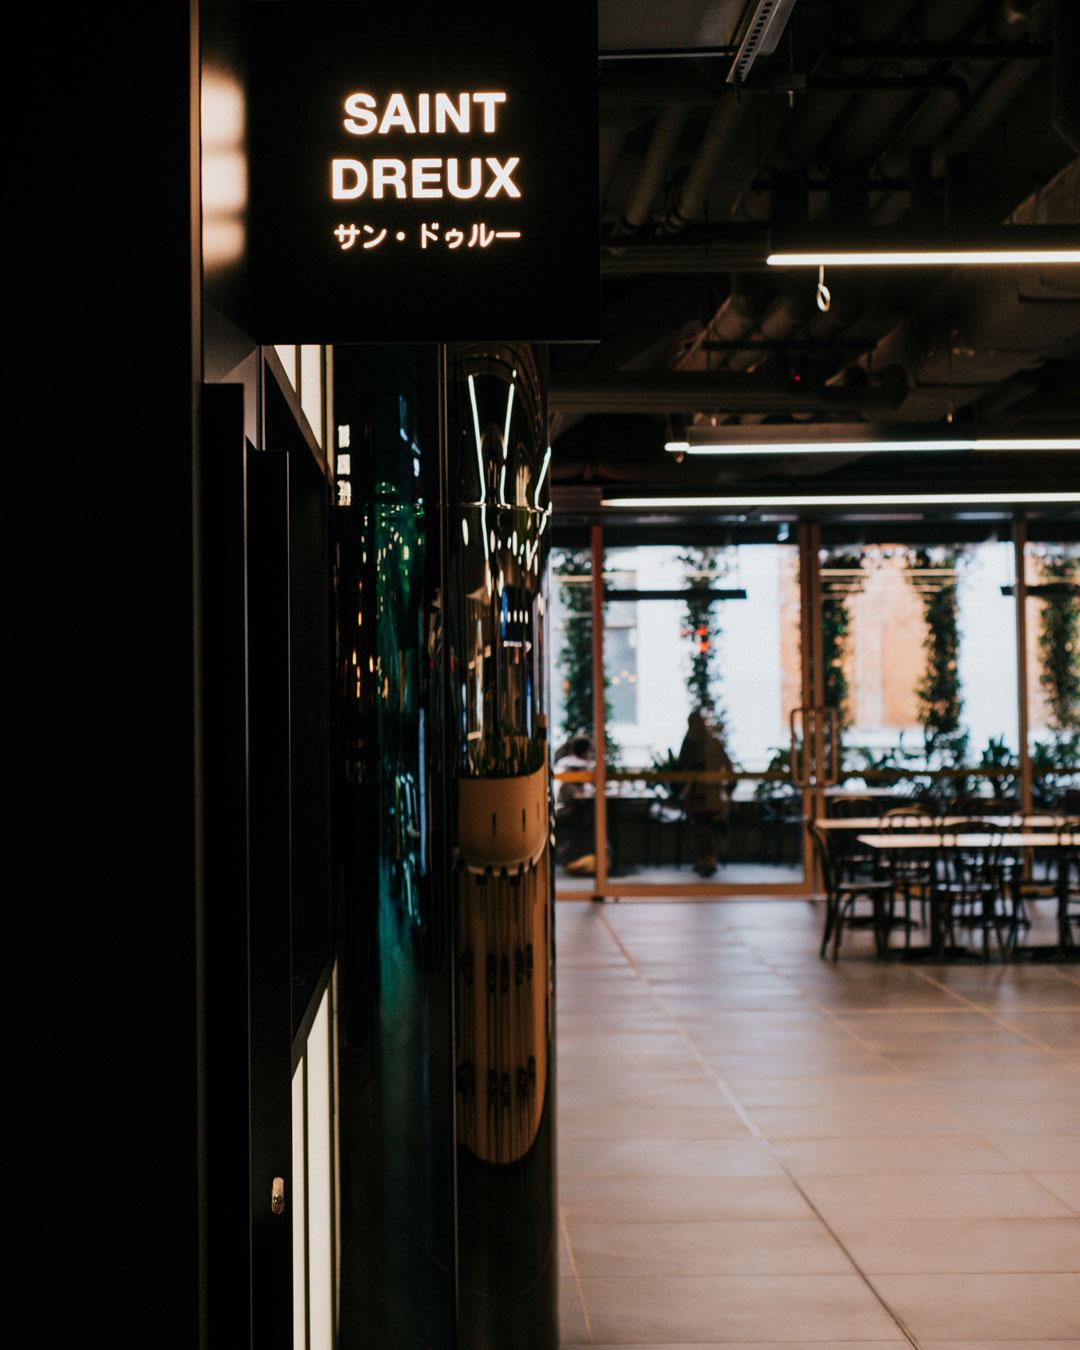 saint-dreux-reviewed